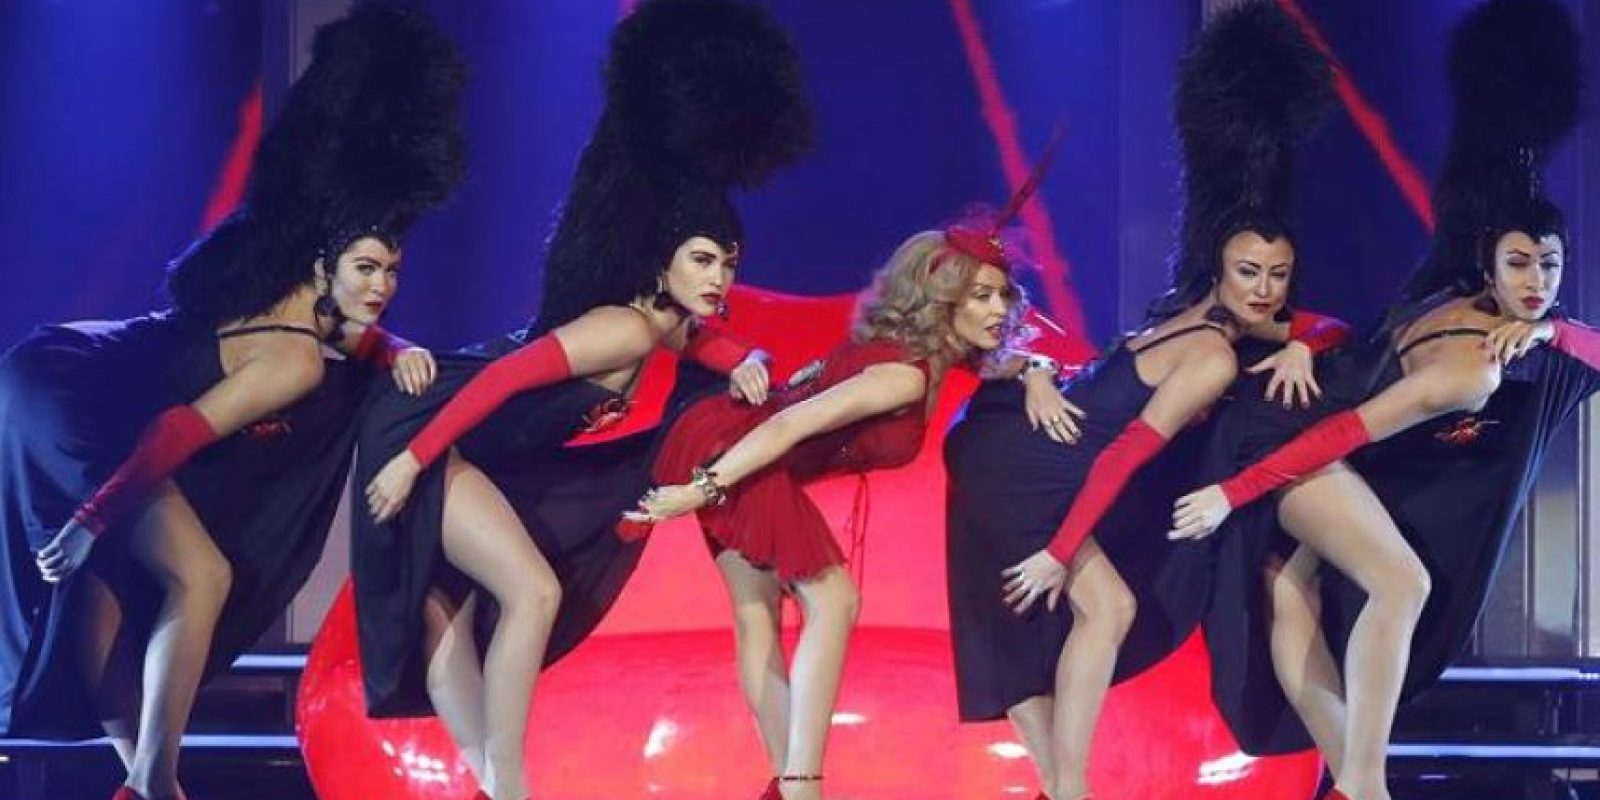 """La cantante australiana Kylie Minogue, ayer, durante la presentación de su nuevo disco, """"Kiss me once"""", en el concierto que ofreció en el Palacio de los Deportes de Madrid. EFE/Archivo"""